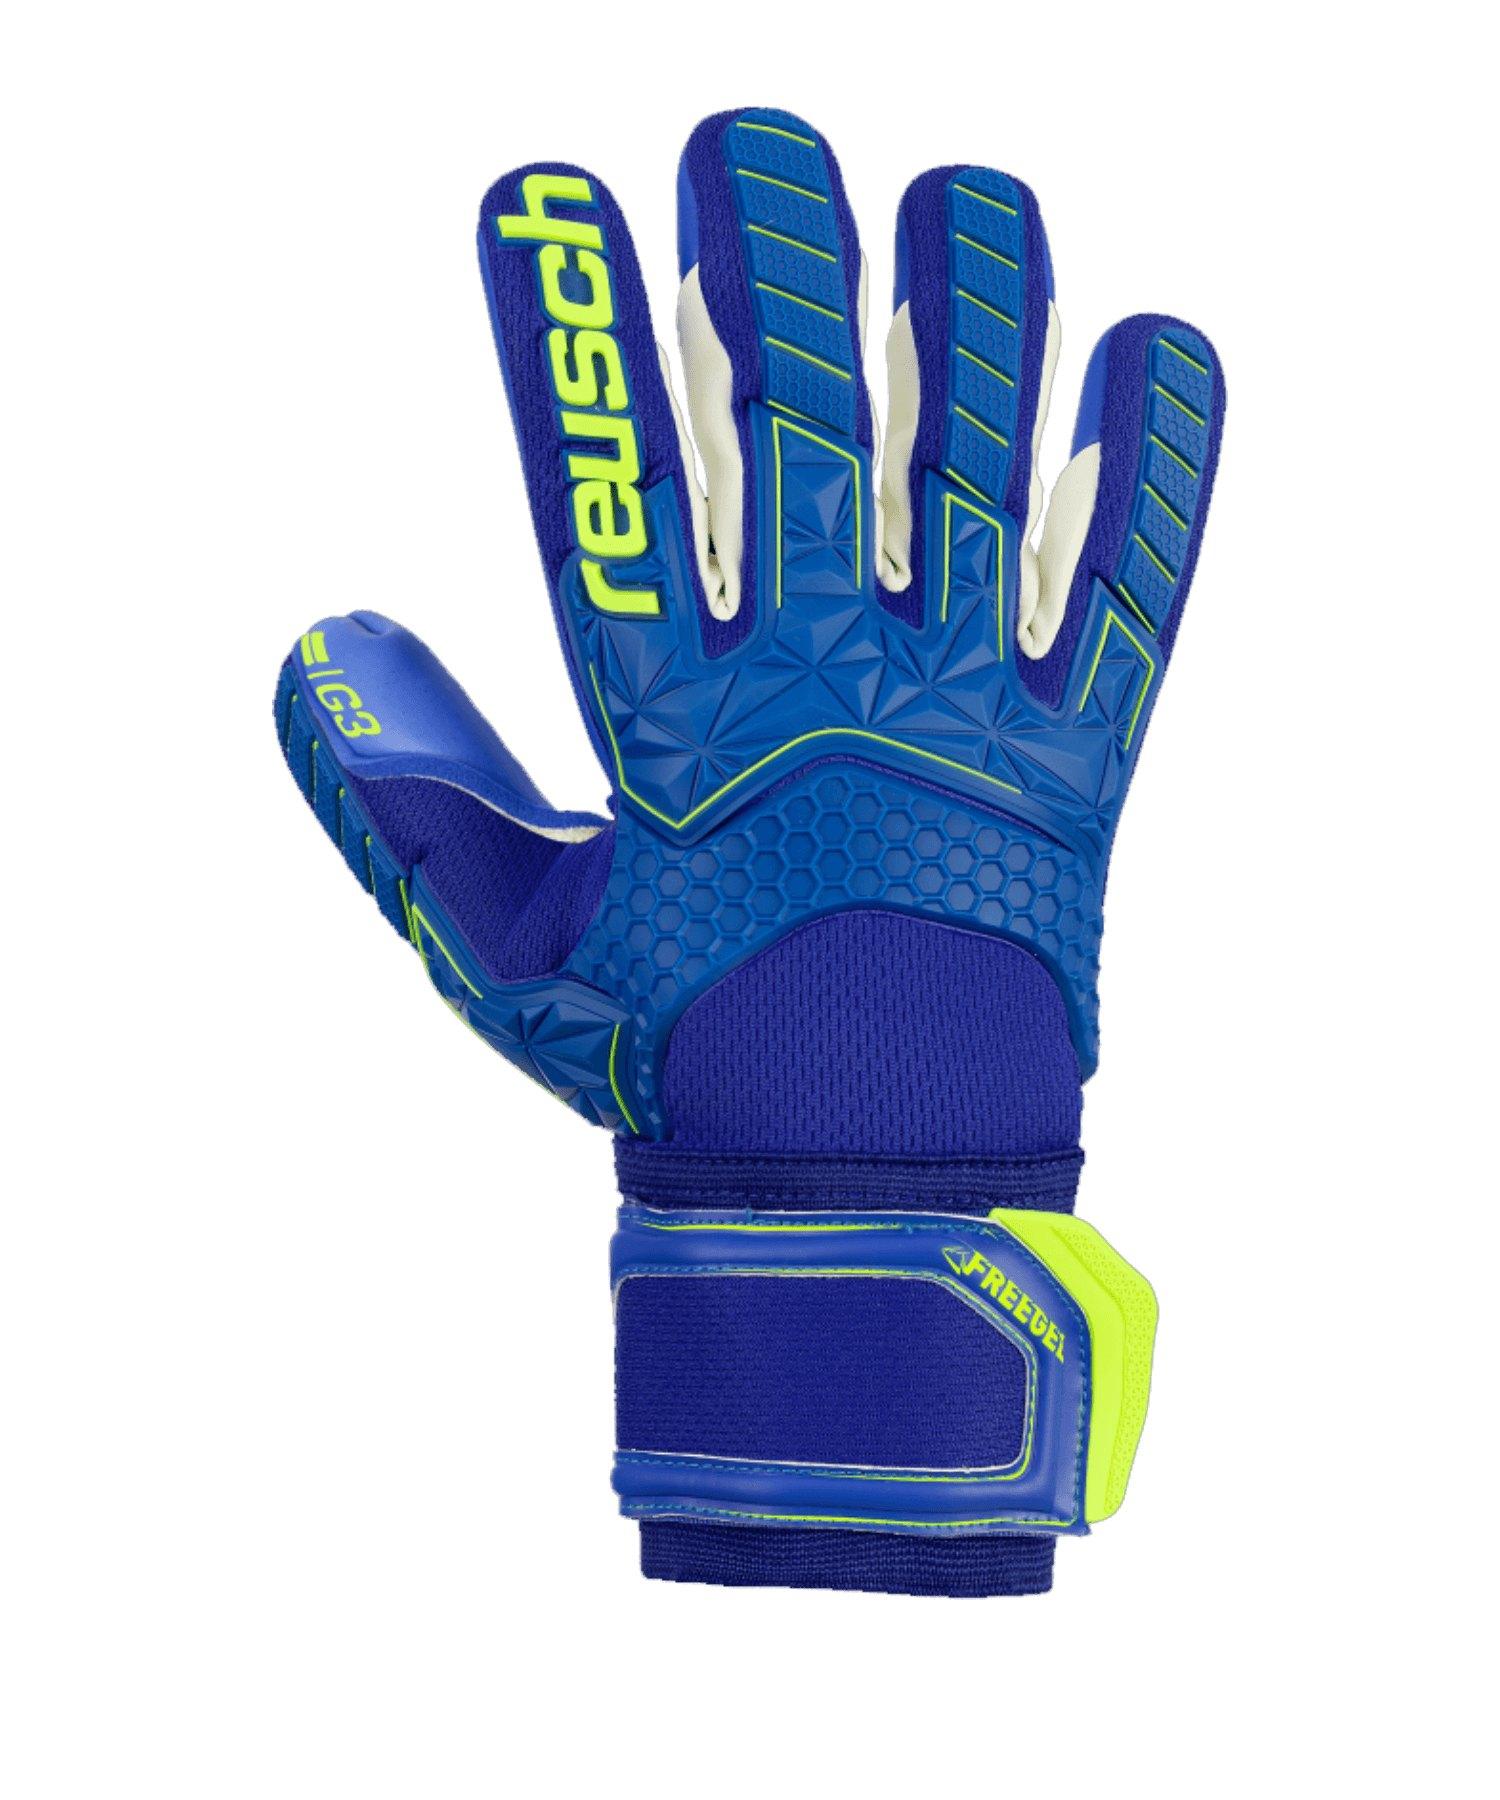 Reusch Freegel G3 Finger Support TW-Handschuh Blau - blau